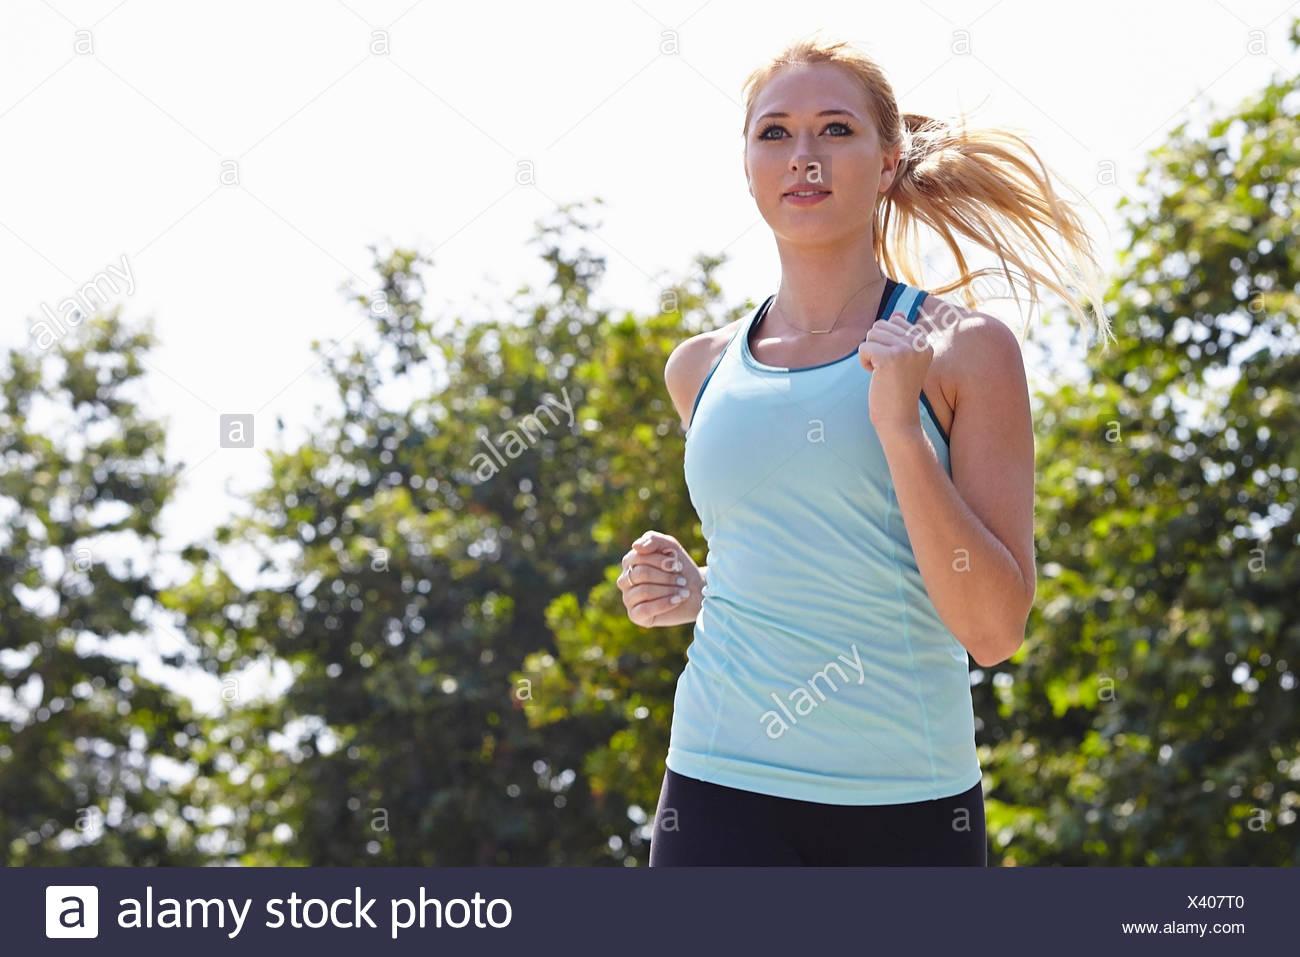 Mujer corriendo en el parque Imagen De Stock